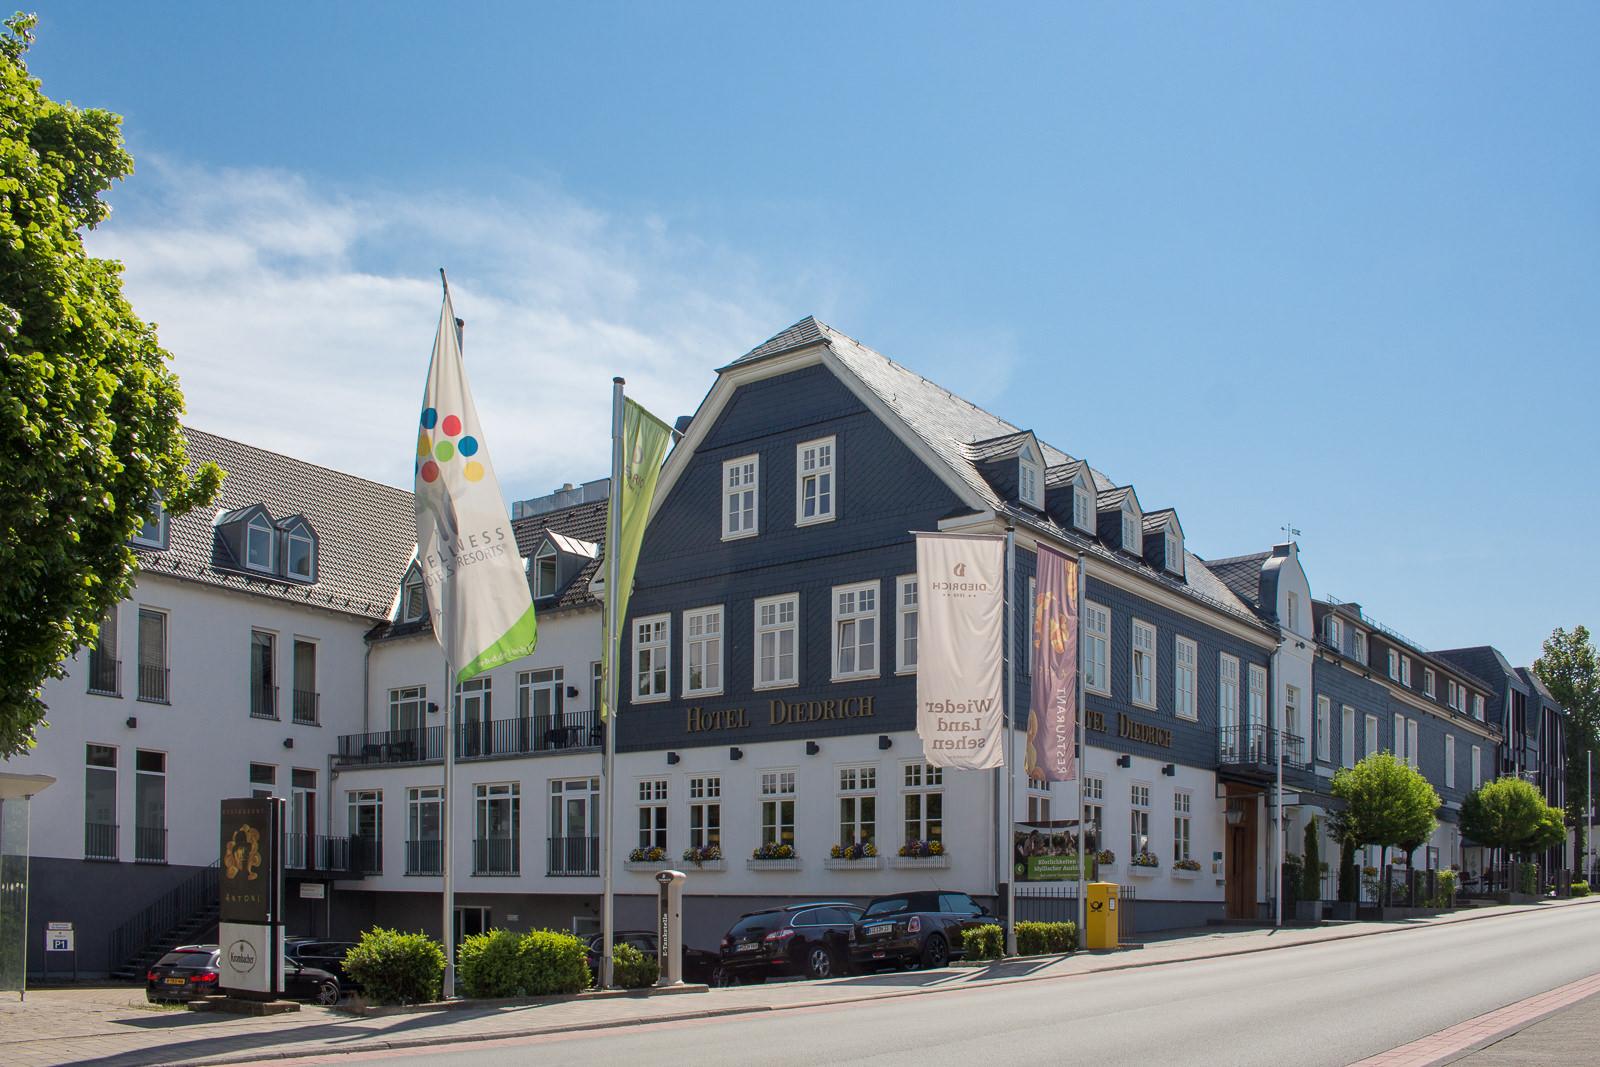 Sauerland,Sommerwellness, wellness, Hotel, Hotel Diedrich, Entspannung, Erholung